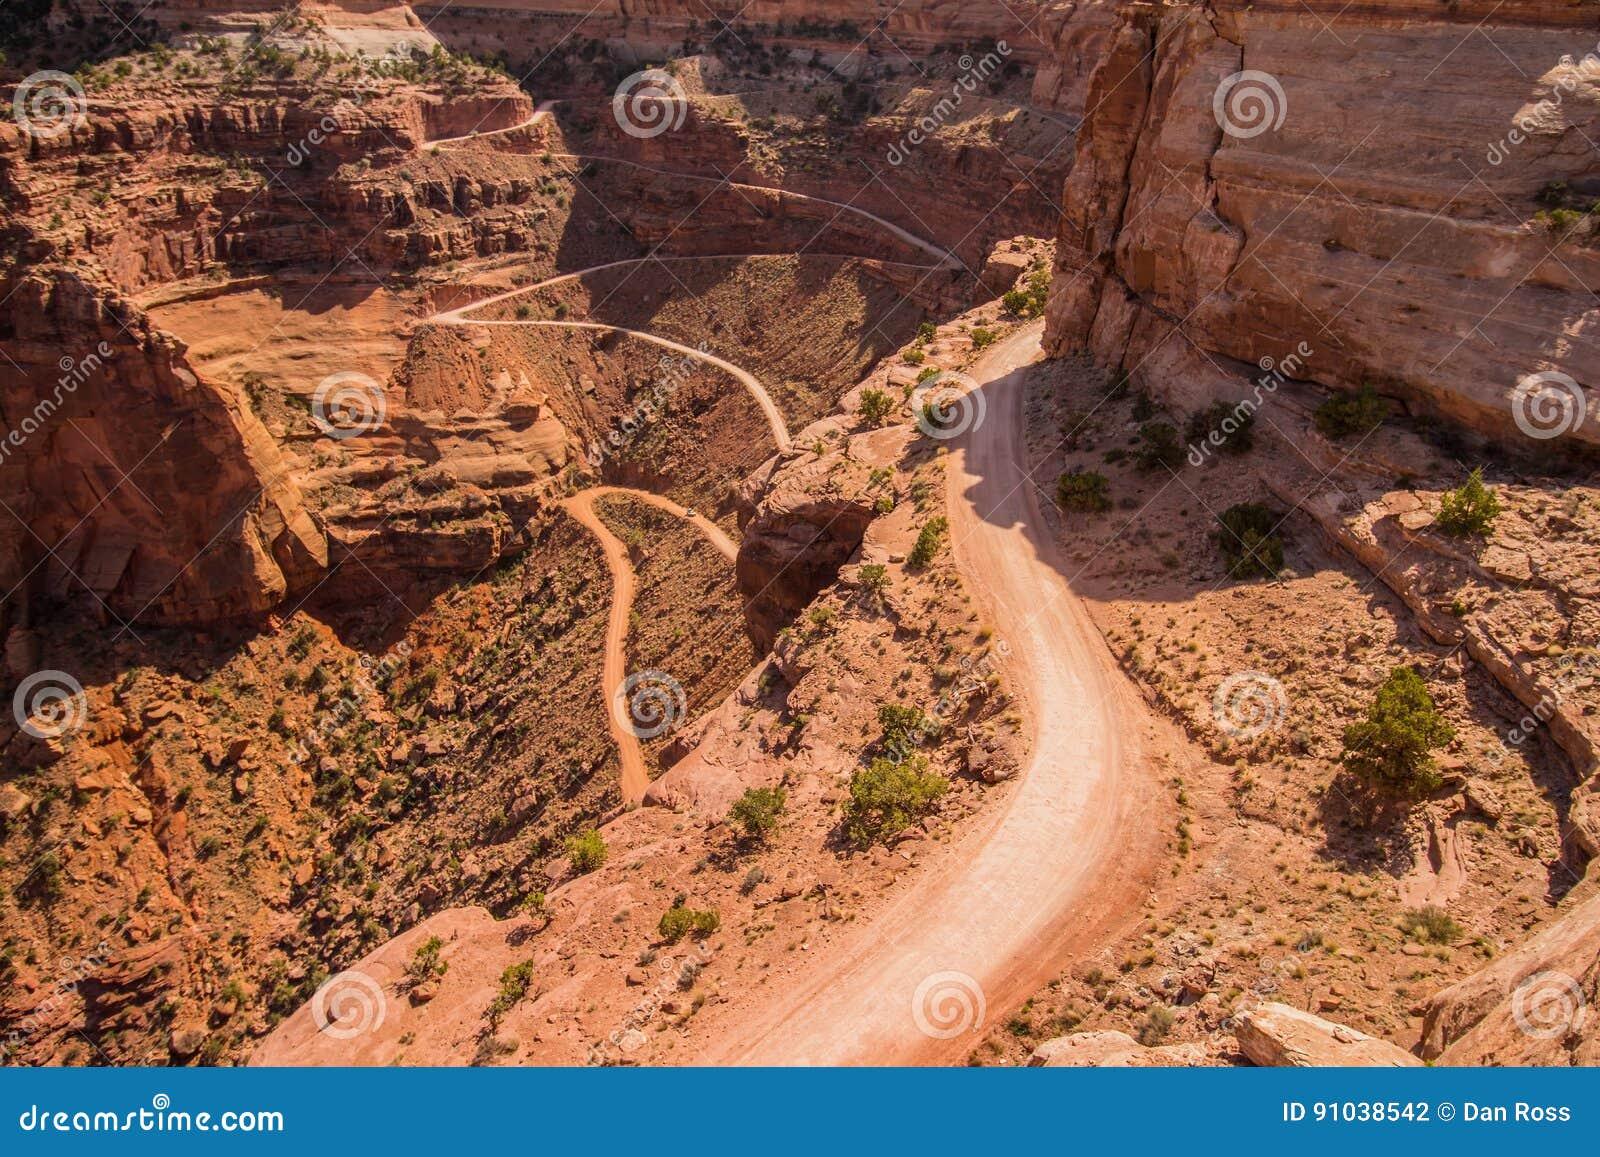 Un camino peligroso desciende en un barranco del desierto